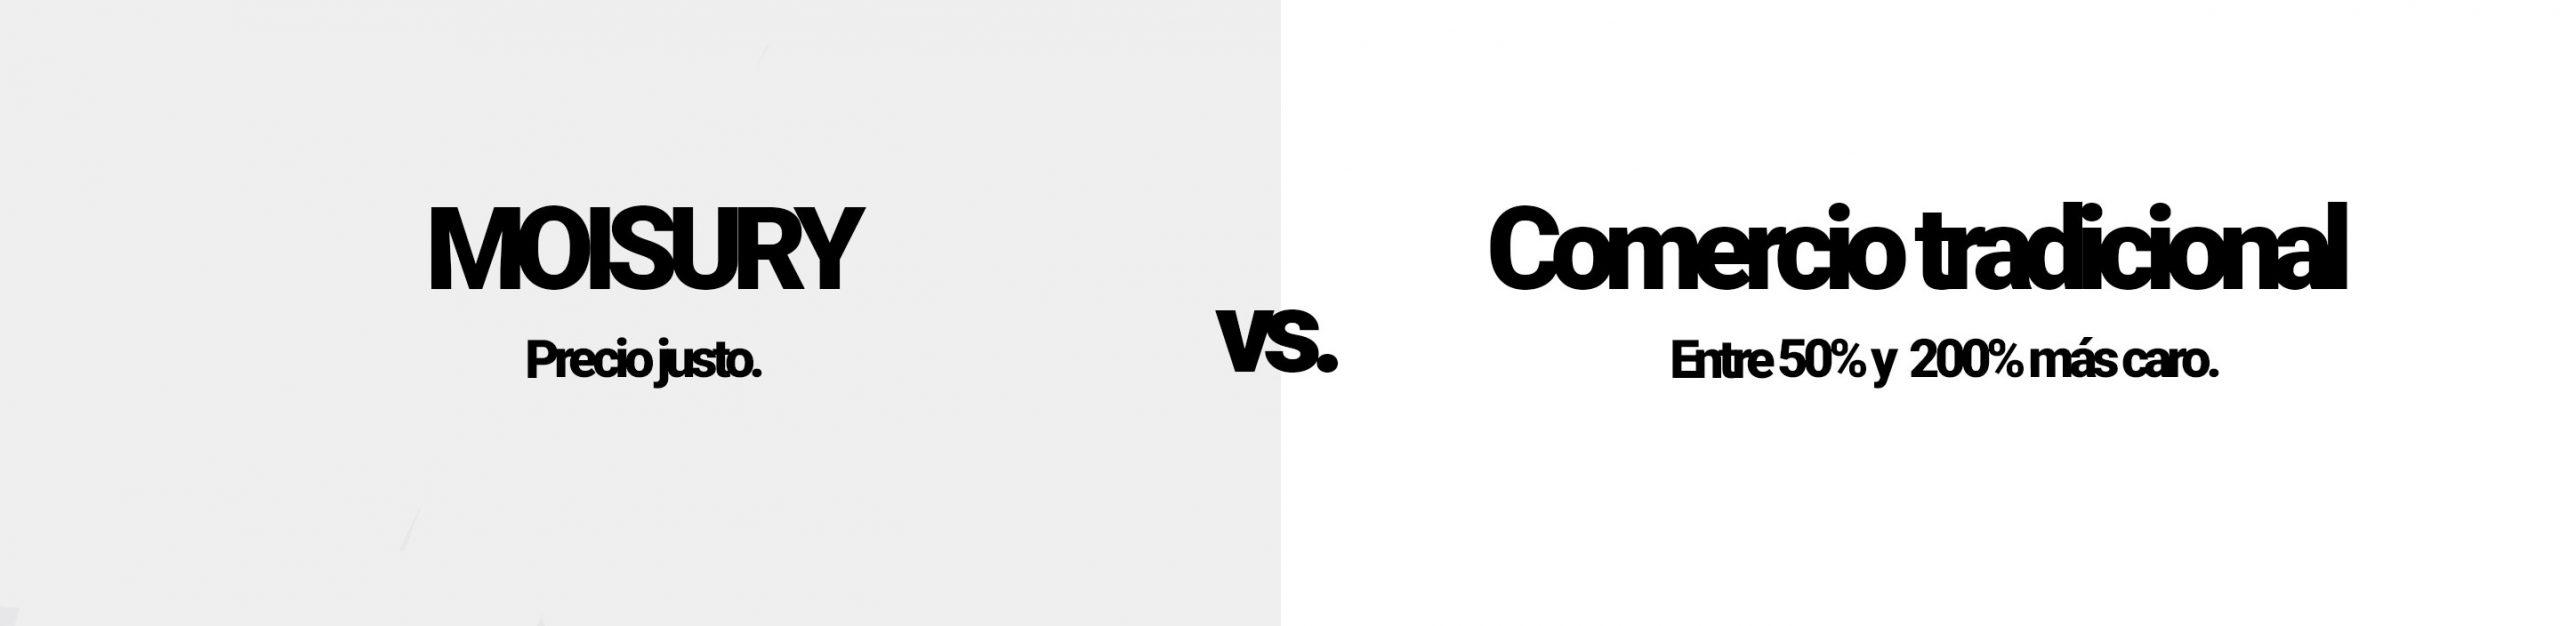 Moisury Comparación